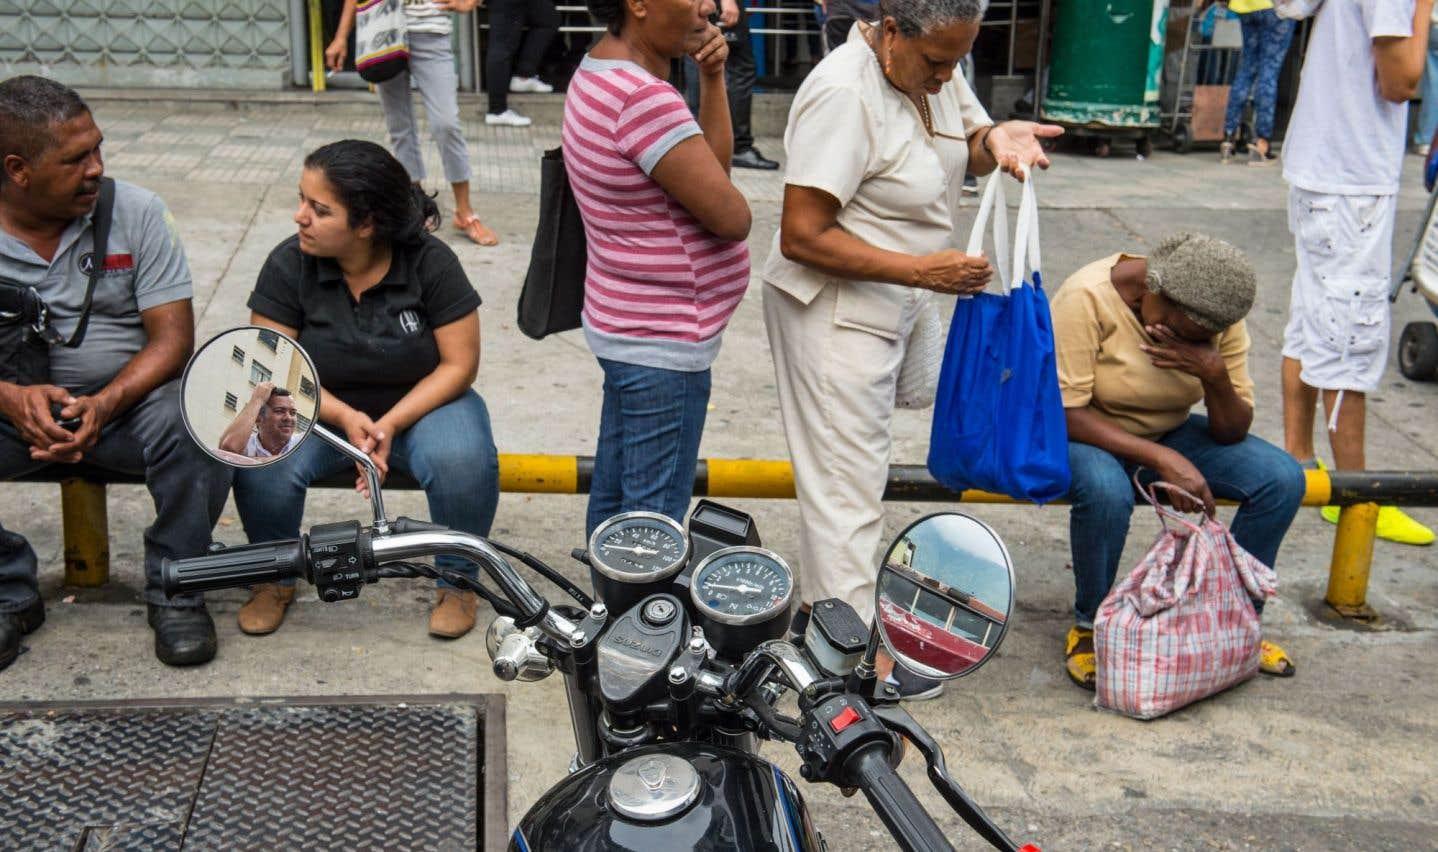 Un drame humanitaire guette le Venezuela